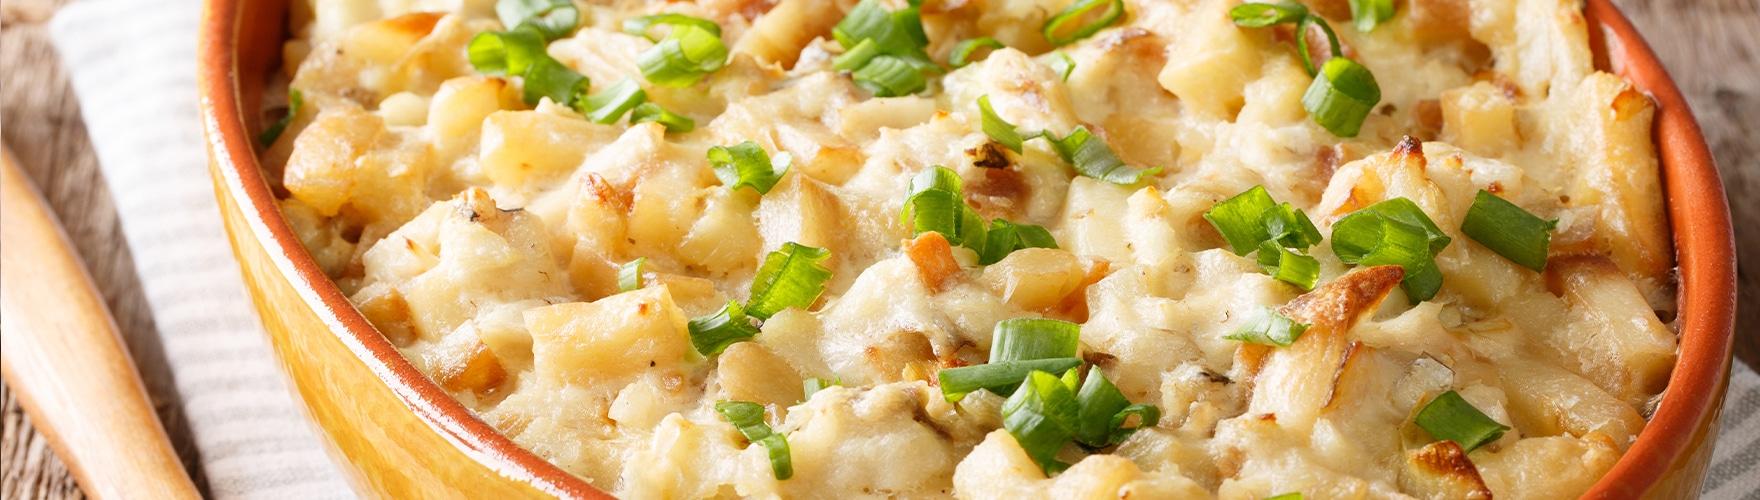 Bacalhau com queijo cremoso